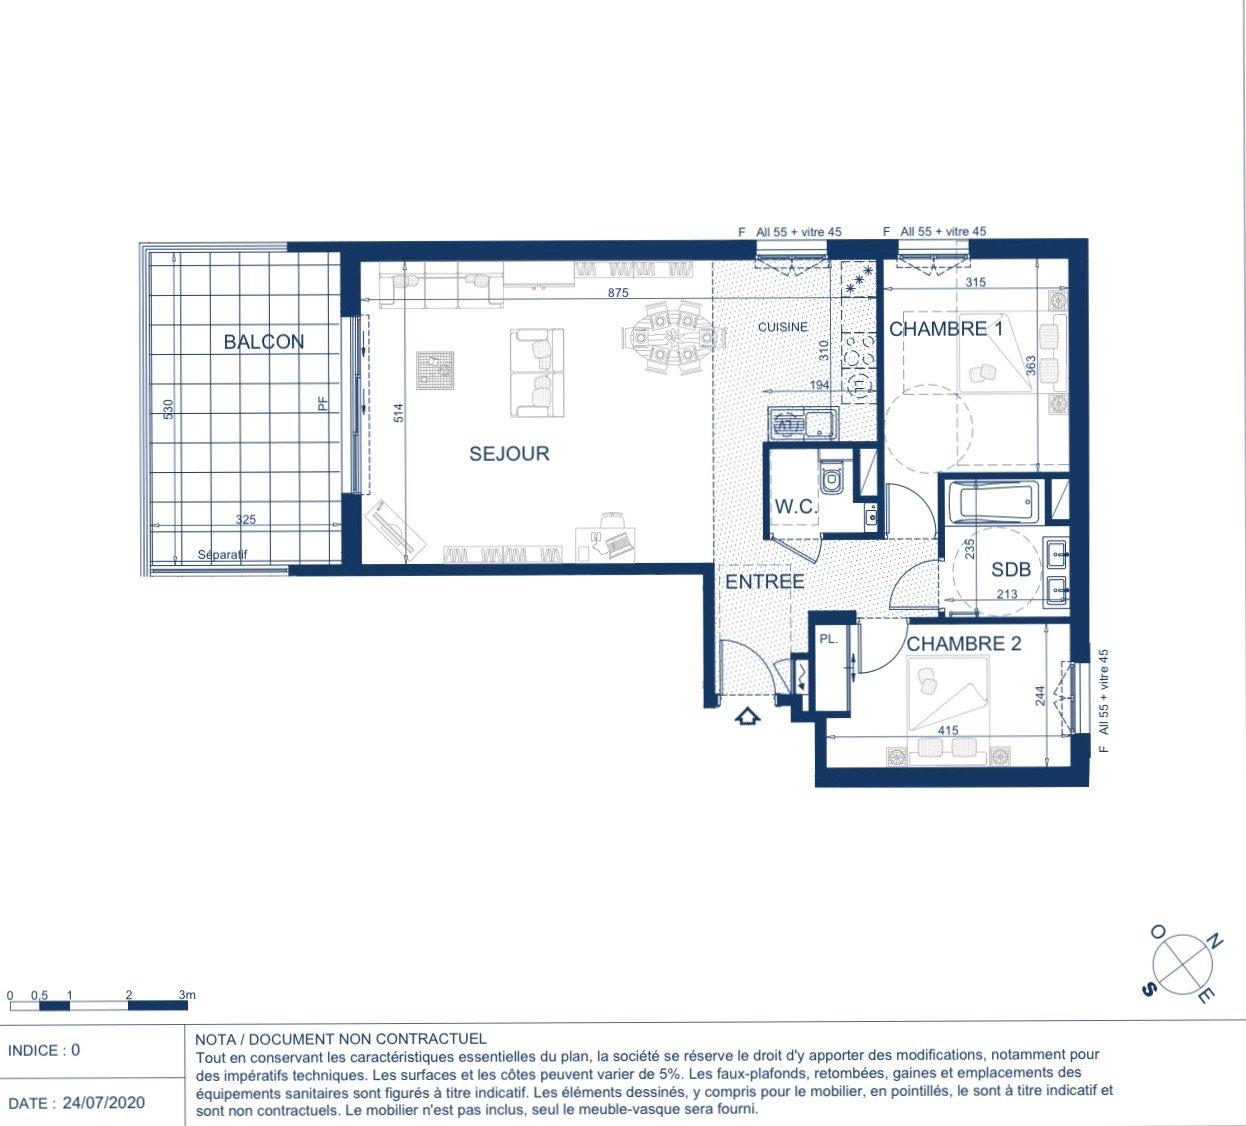 BEAUSOLEIL - Région PACA - Vente Appartement neuf d'exception - Vue mer